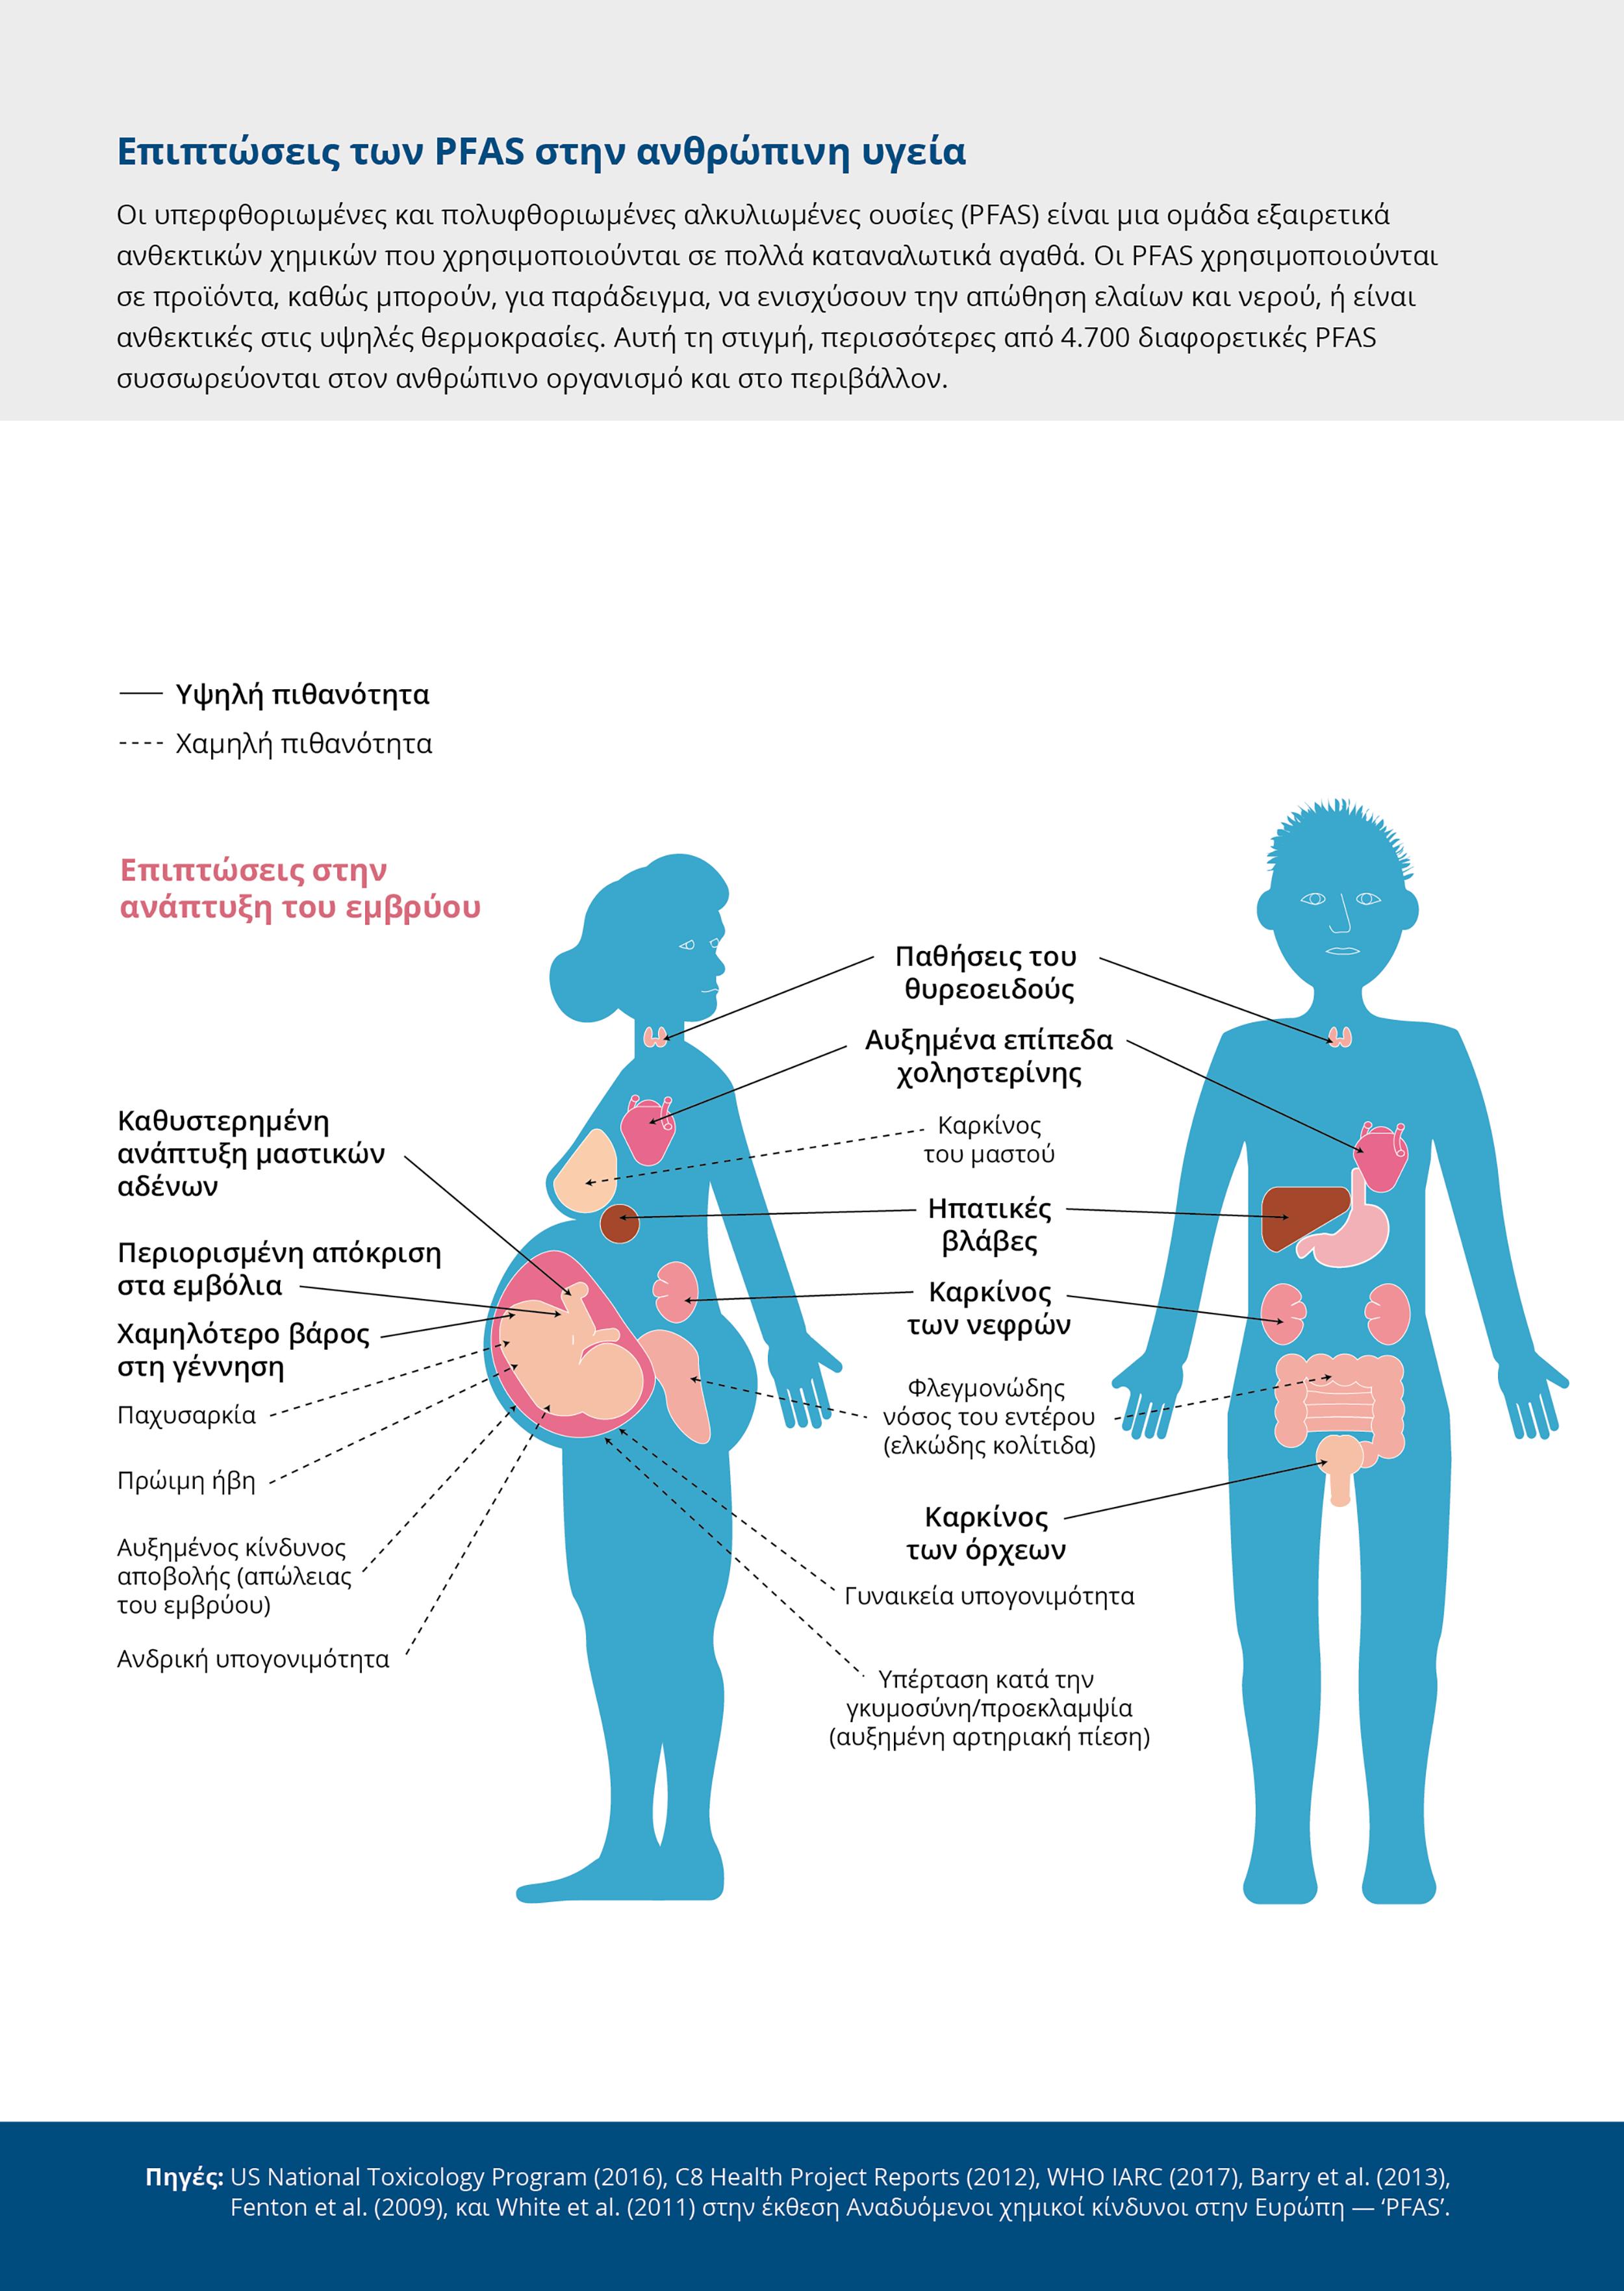 Επιπτώσεις των PFAS στην ανθρώπινη υγεία